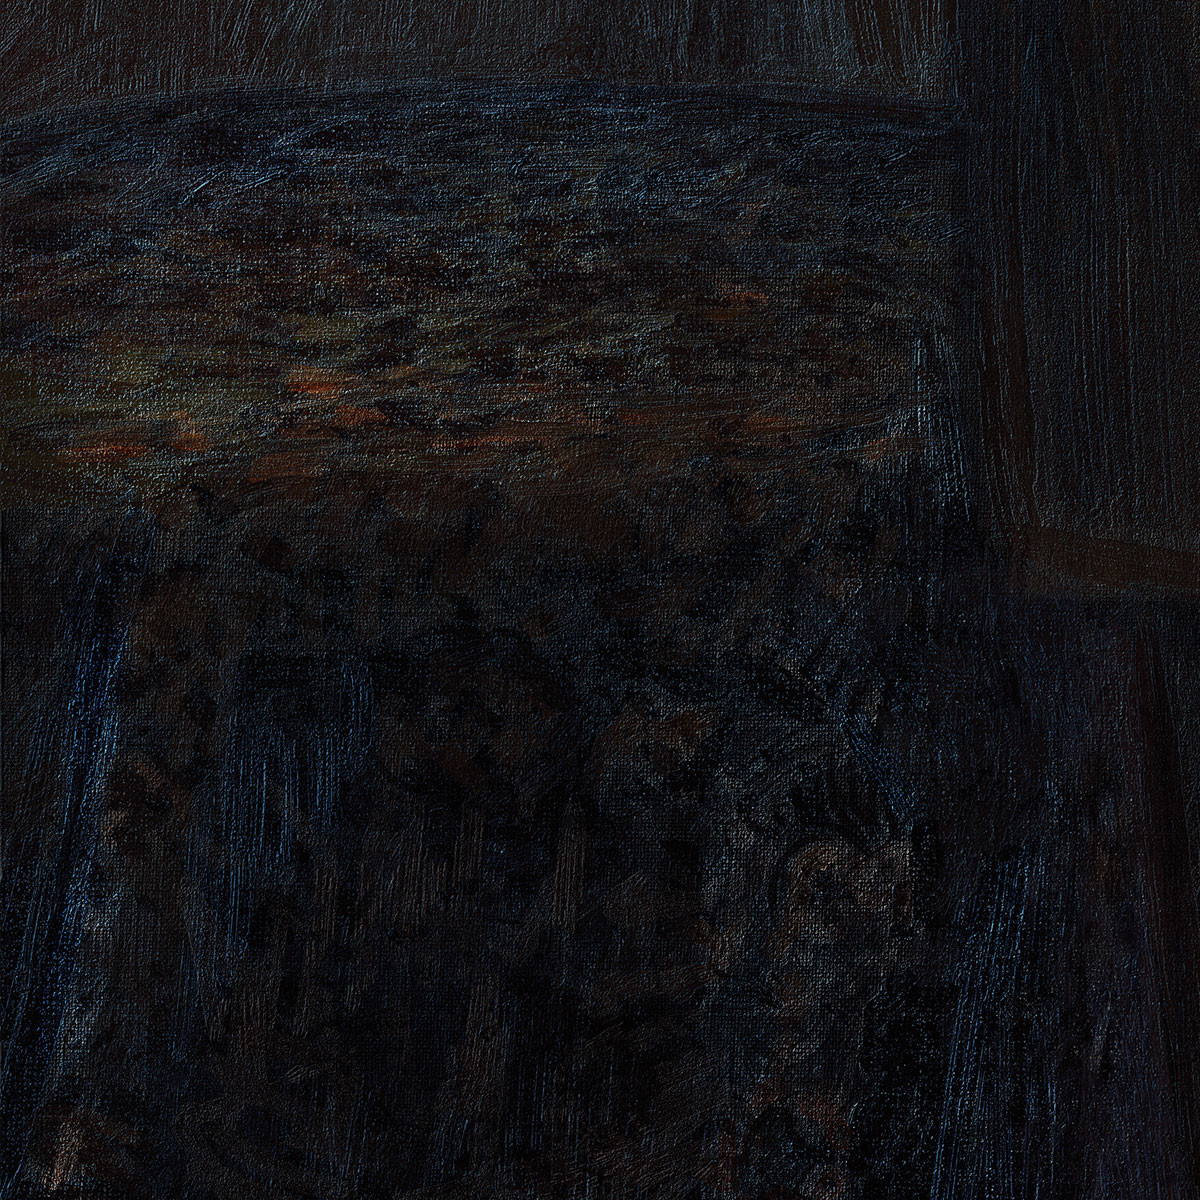 Tymoteusz chliszcz 0036b